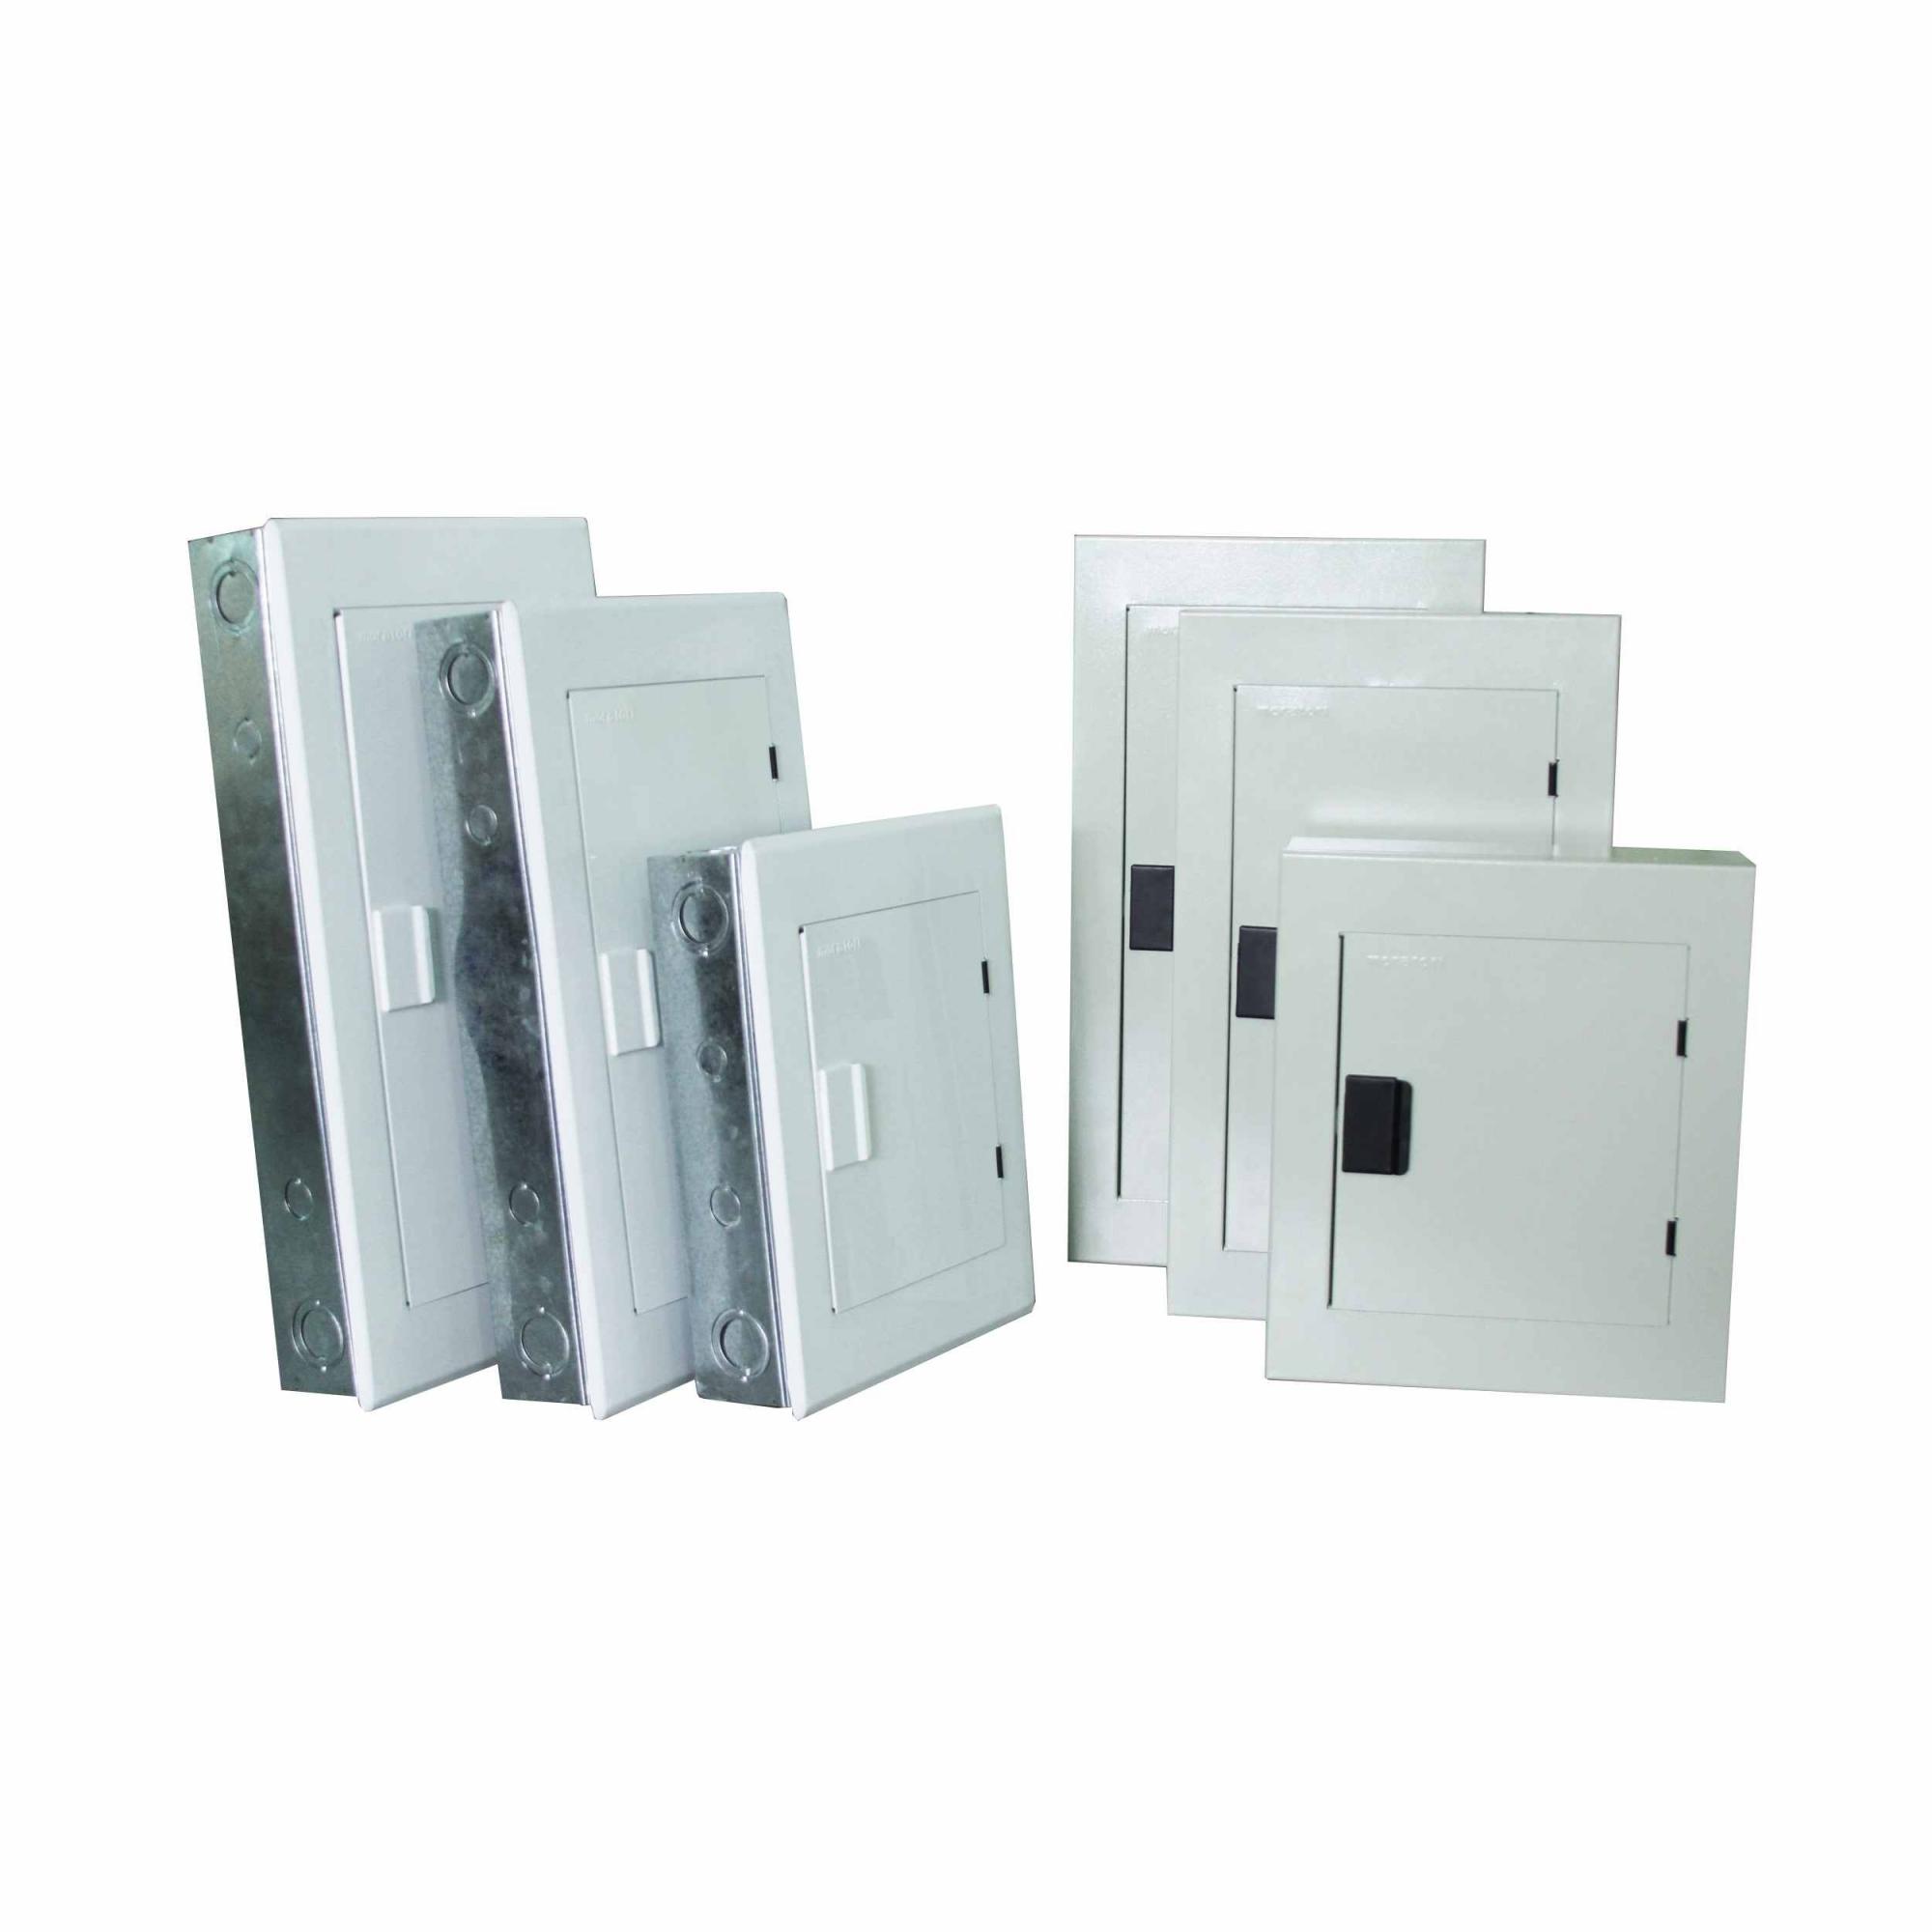 Quadro De Distribuição Emb Metal 42 Disj C/ Barr 150a